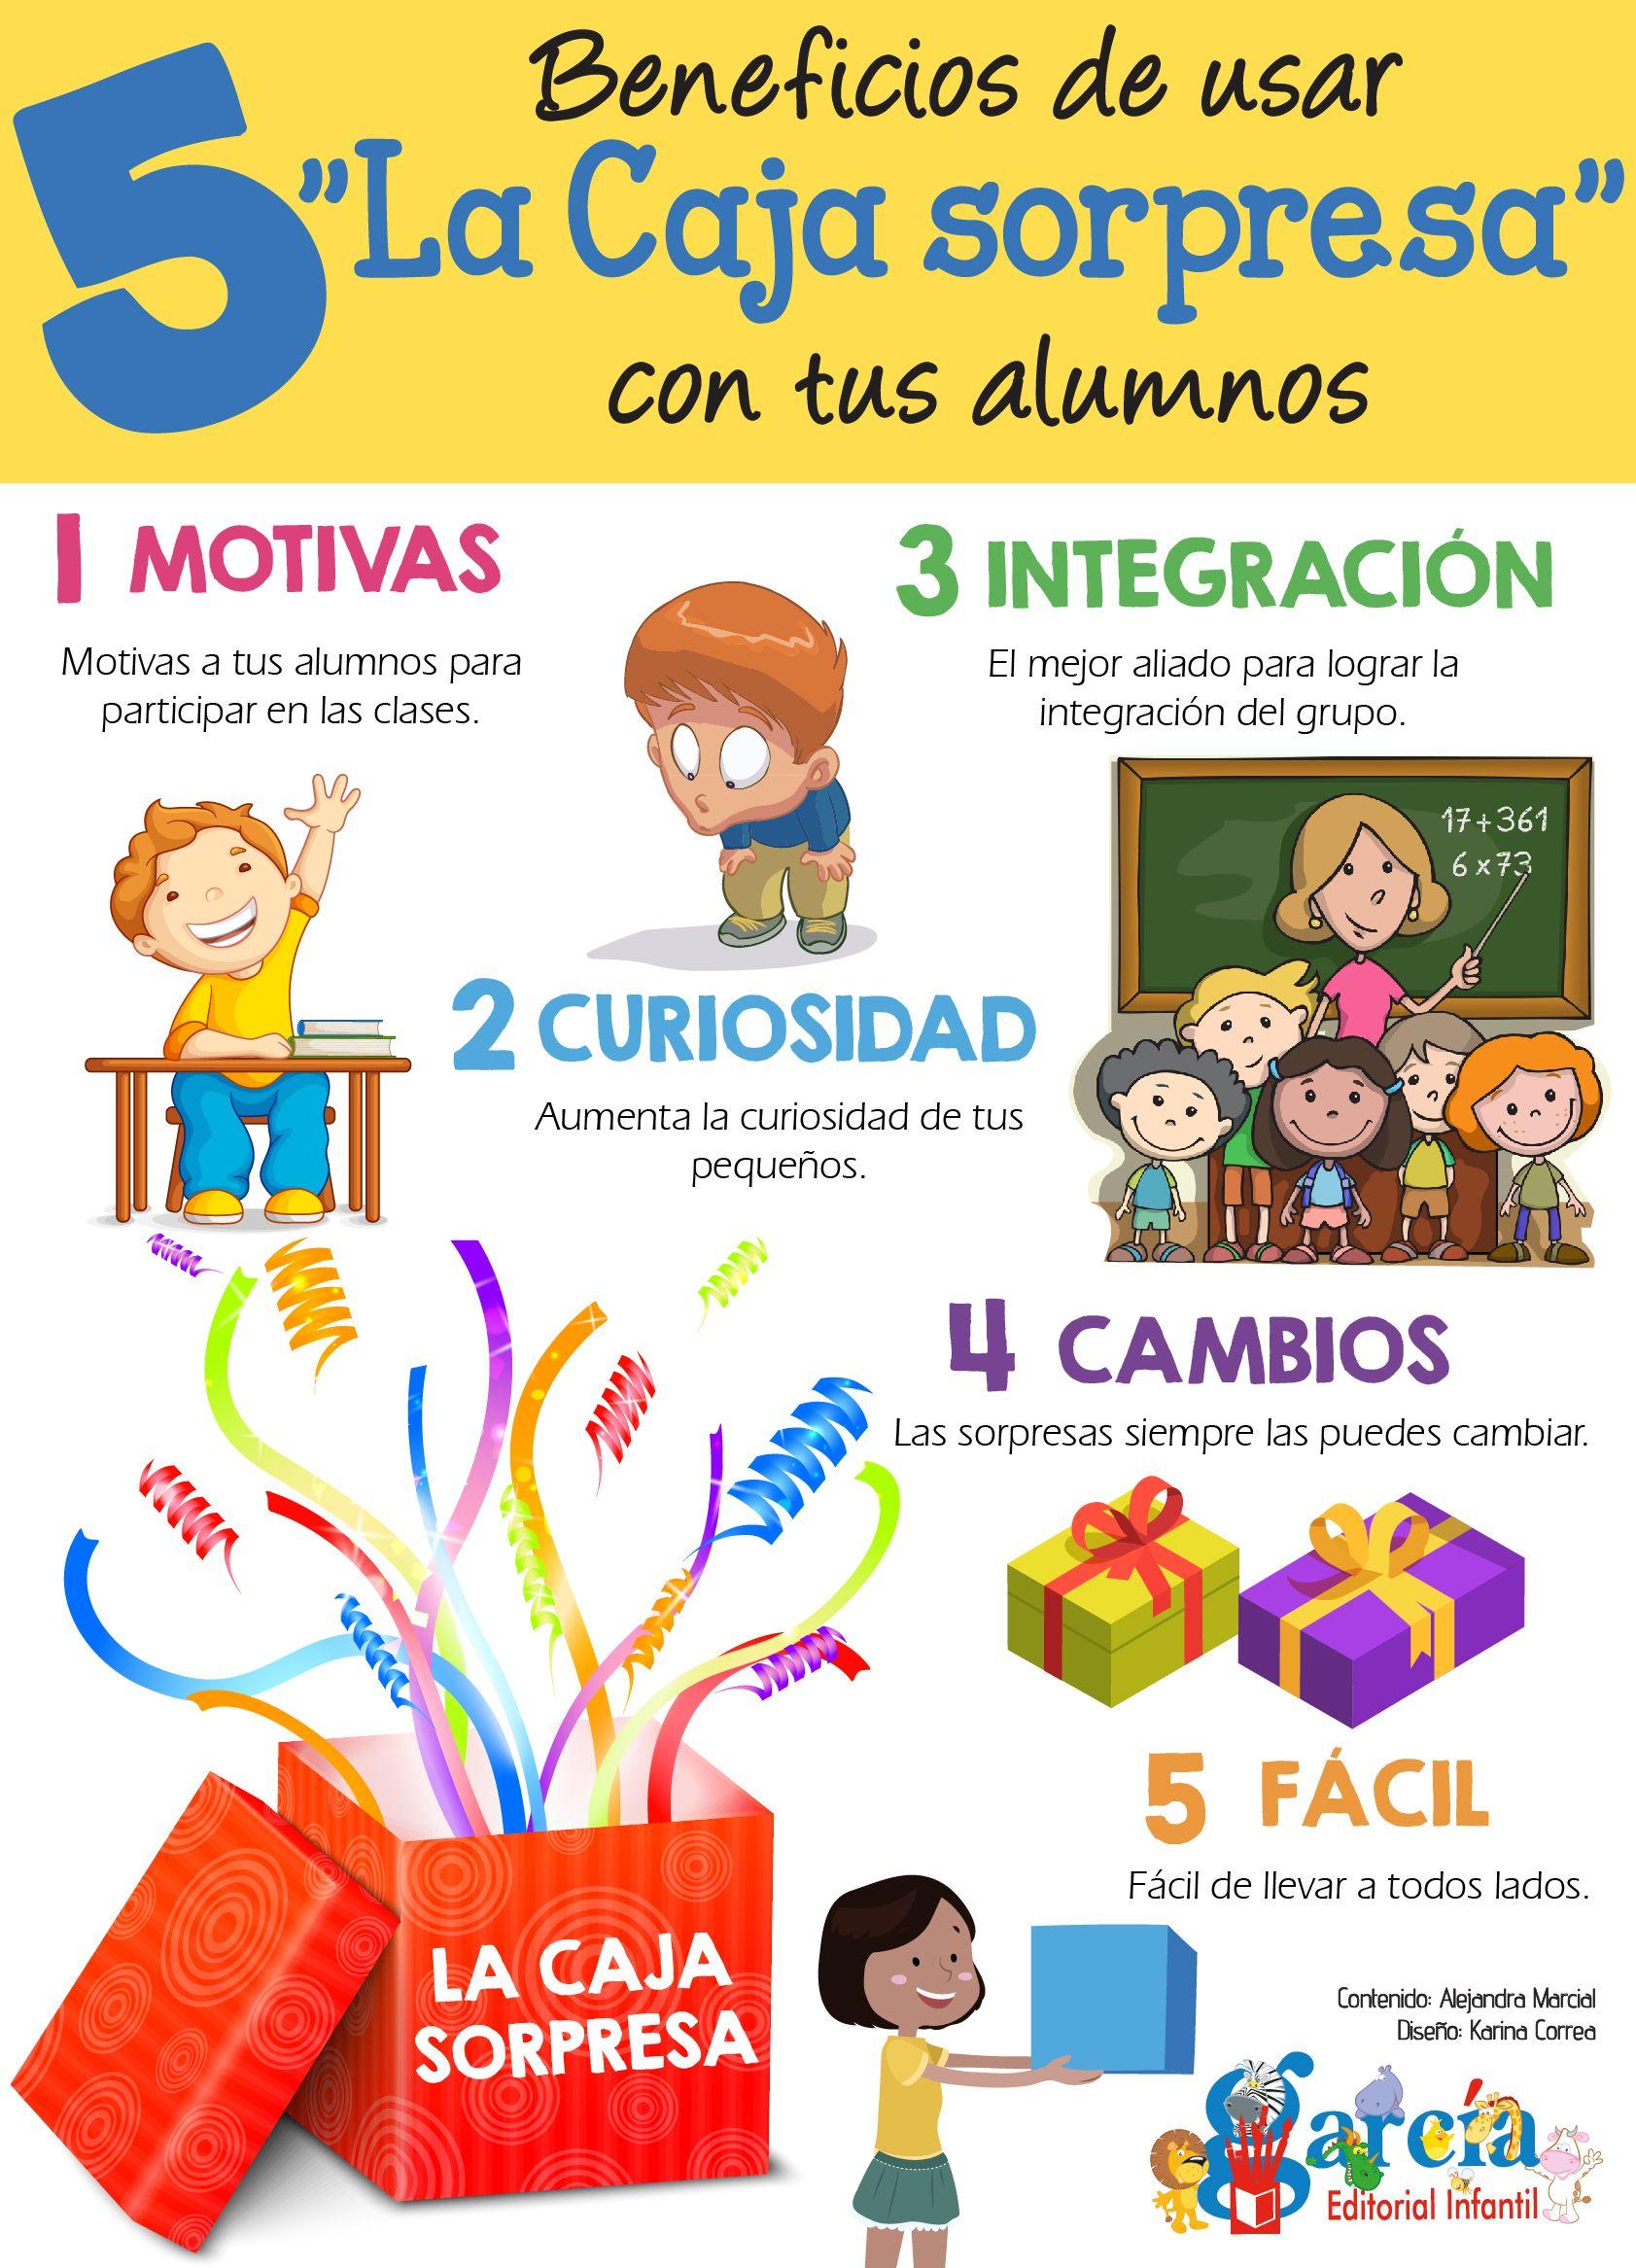 La Caja Sorpresa Es Una De Las Mejores Técnicas Para Mejorar La Conducta En El Aula Educacion Emocional Infantil Aprendizaje Niños Actividades Para Preescolar